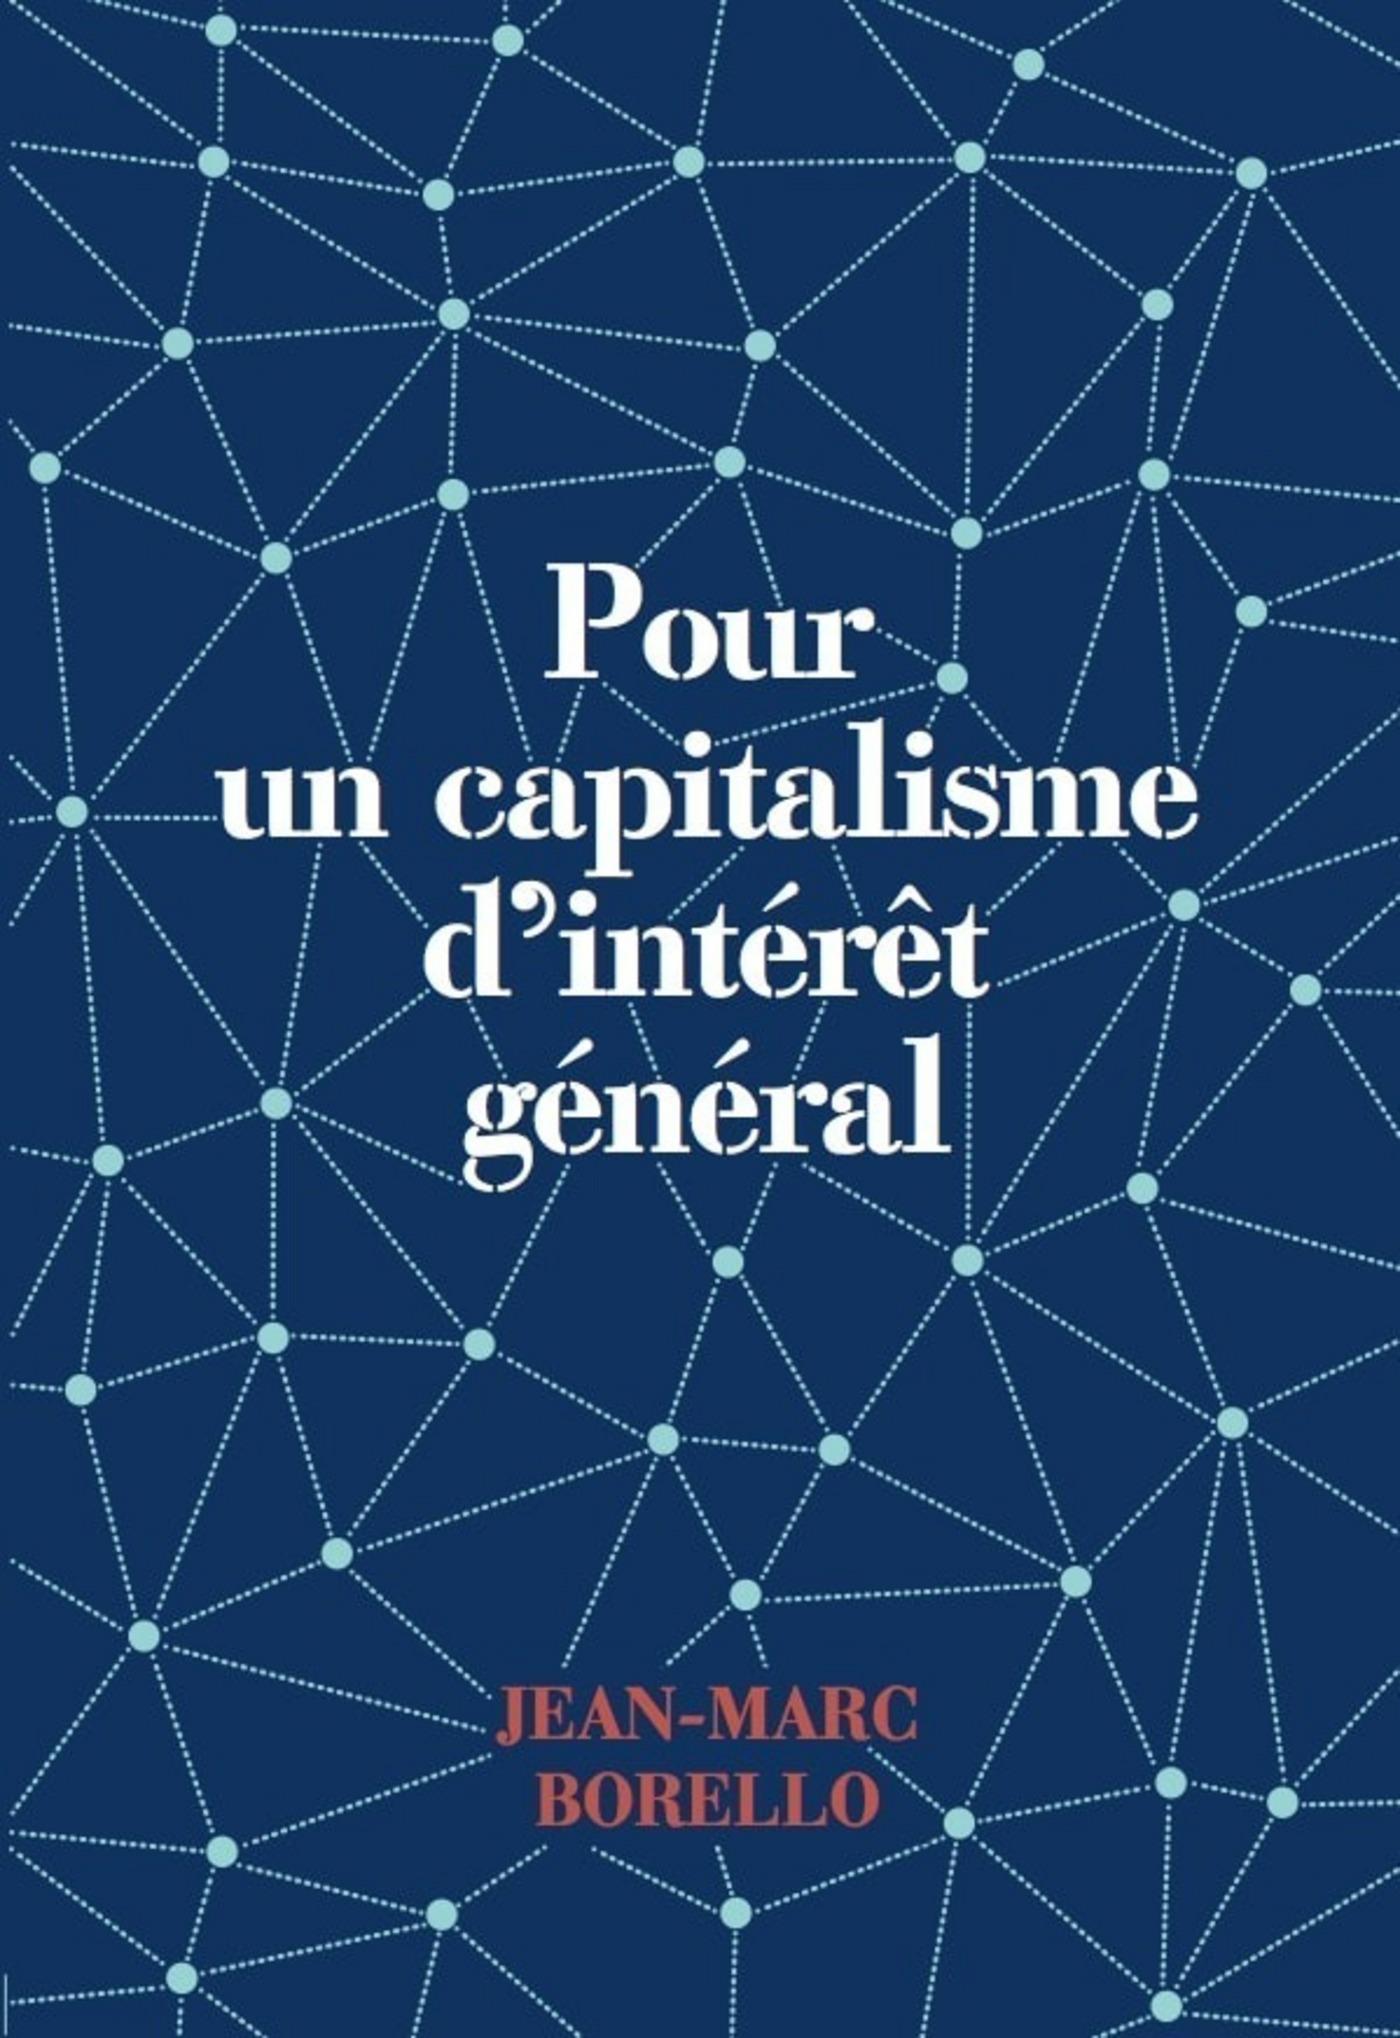 Pour un capitalisme d'intérêt général